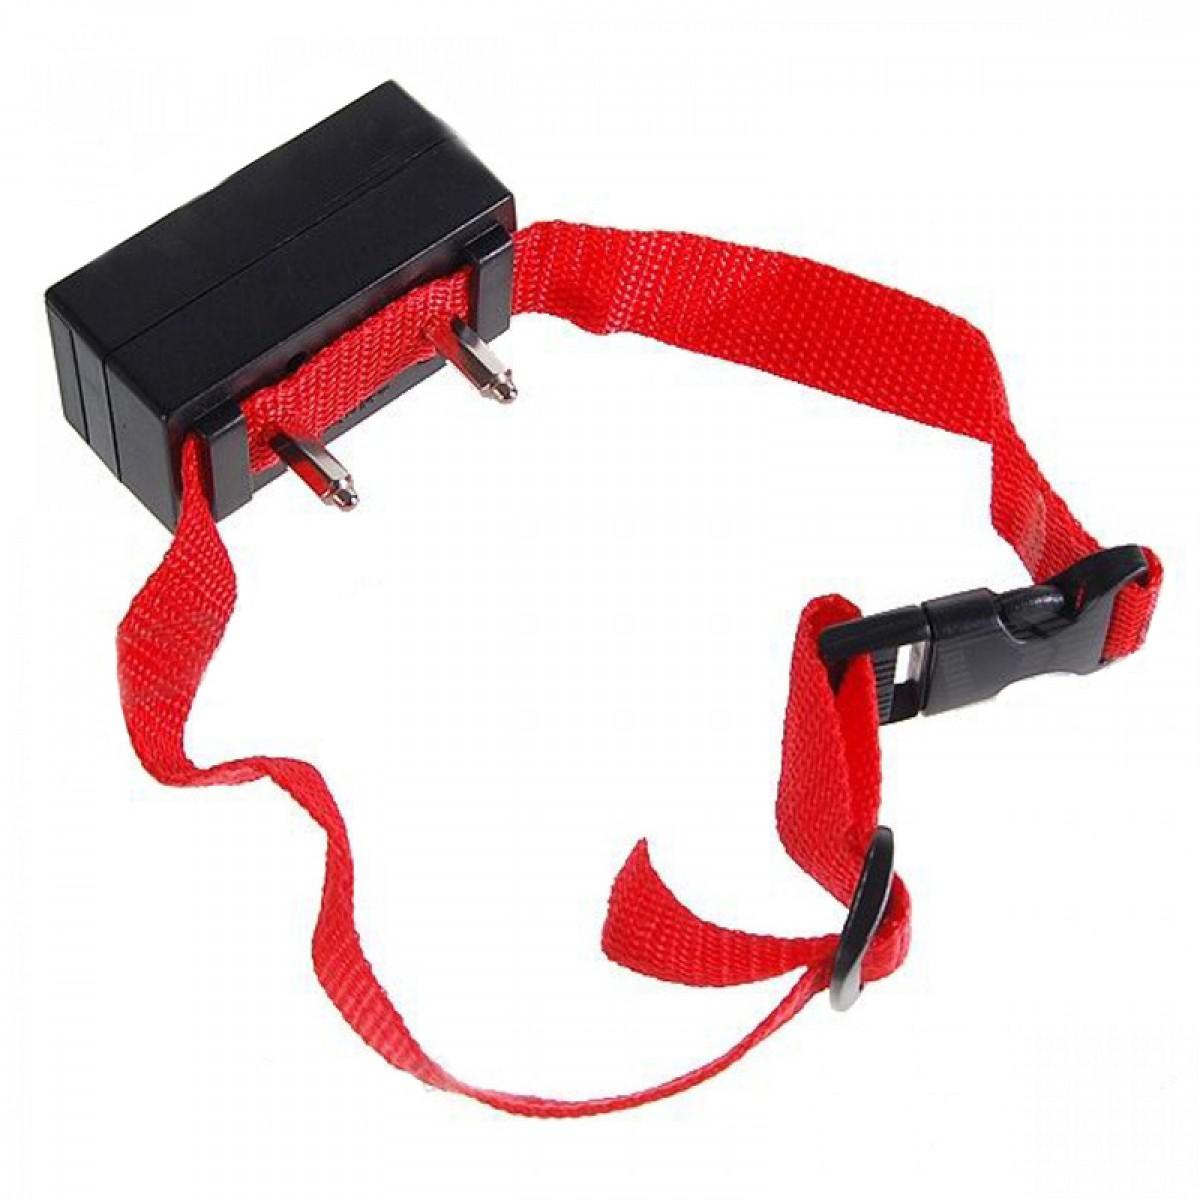 Ηλεκτρονικό κολάρο αντί γαβγίσματος με ηχητική ειδοποίηση - Bark Terminator